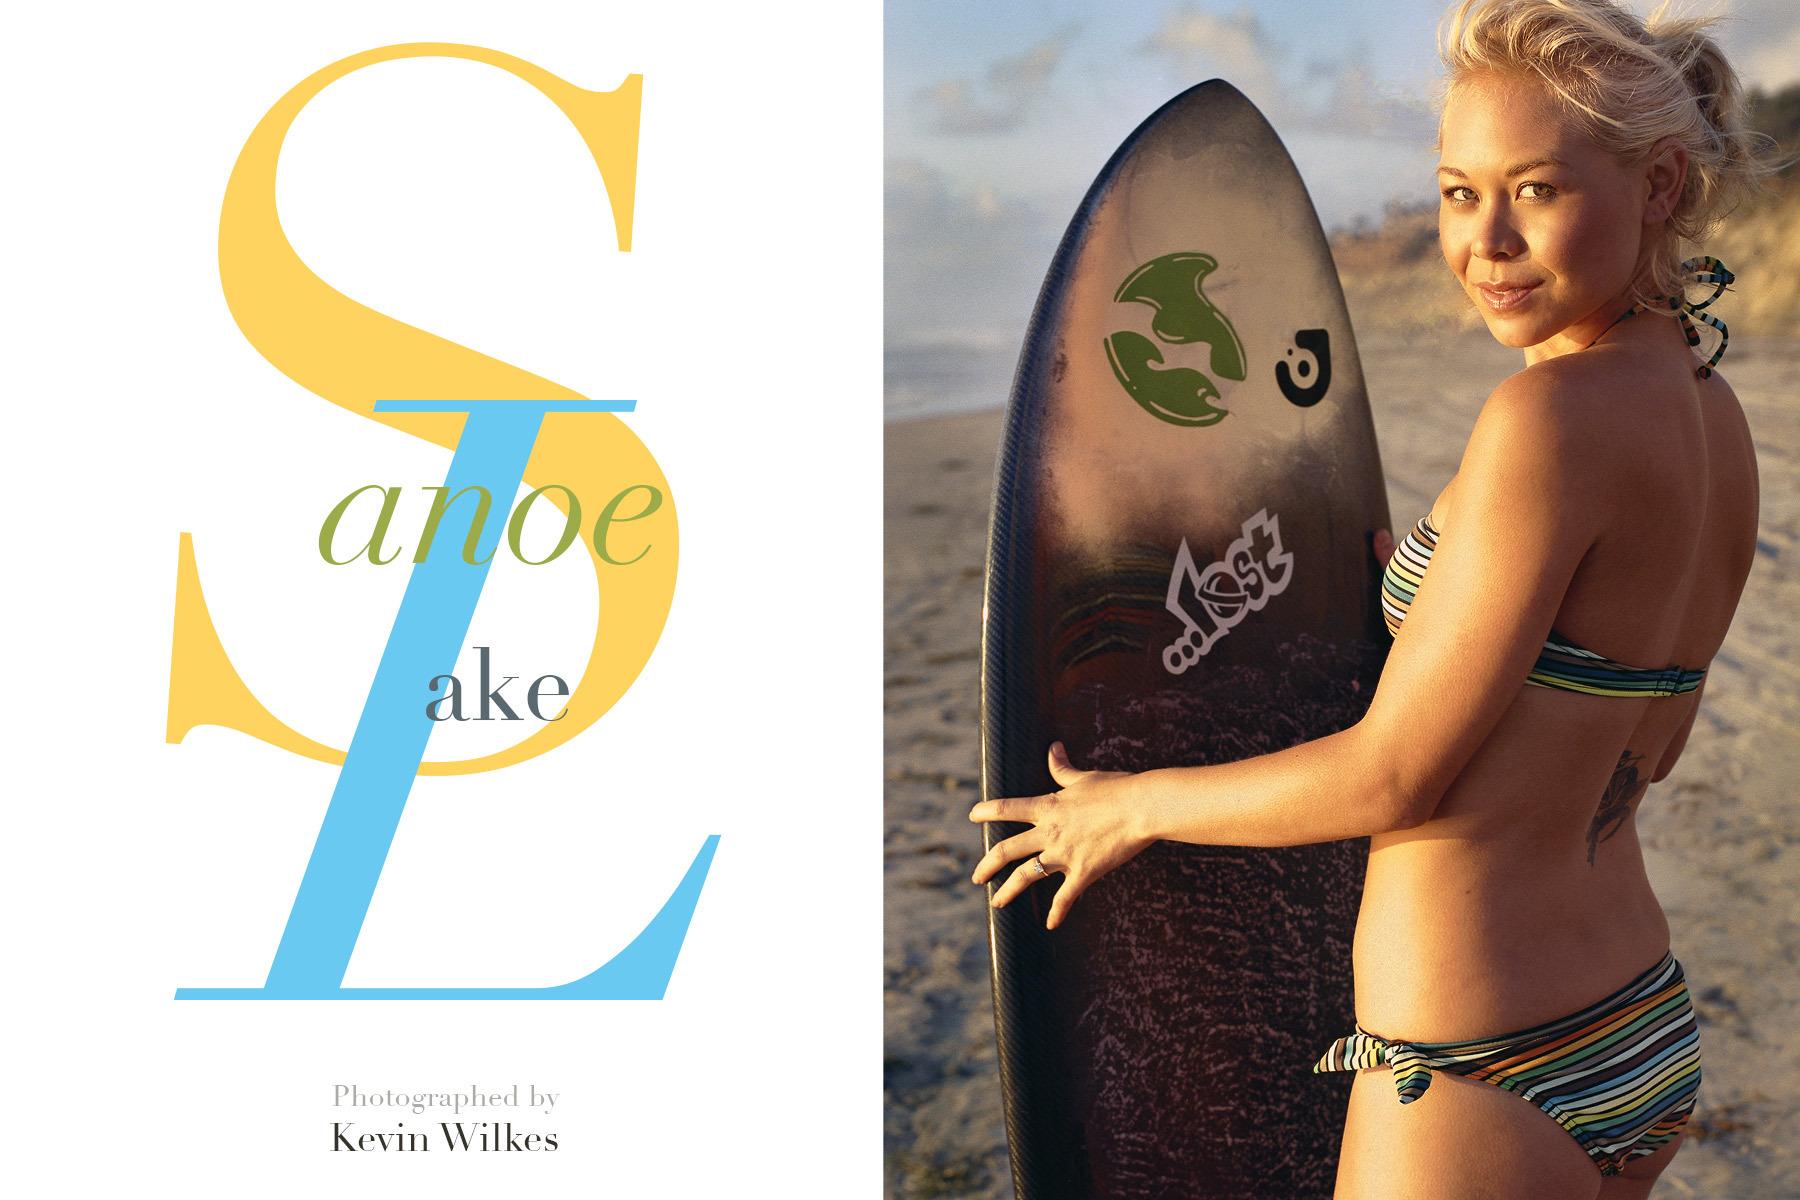 Sanoe Lake. Actor. Bikini by Billabong.